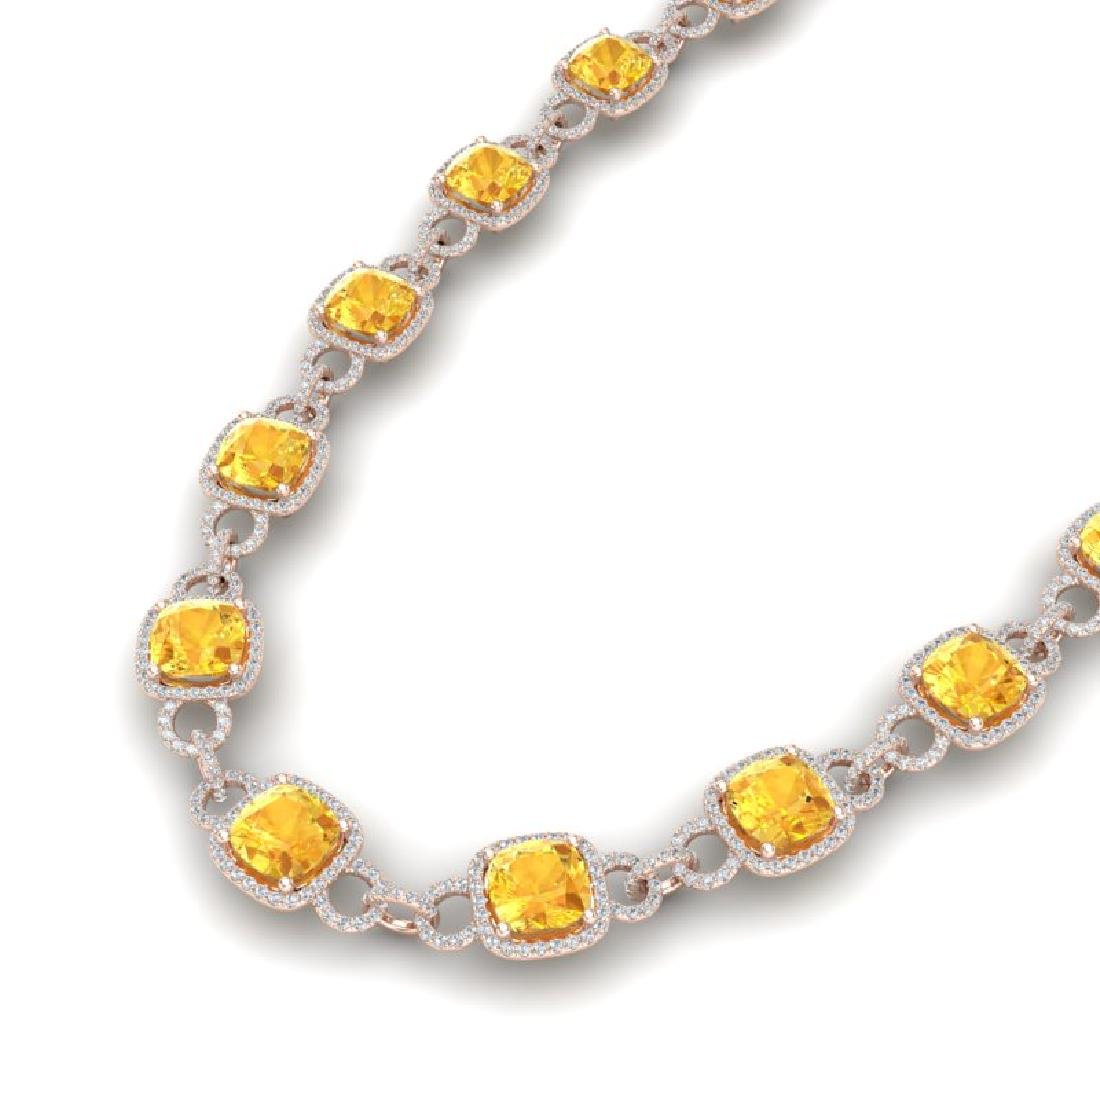 66 CTW Citrine & VS/SI Diamond Necklace 14K Rose Gold